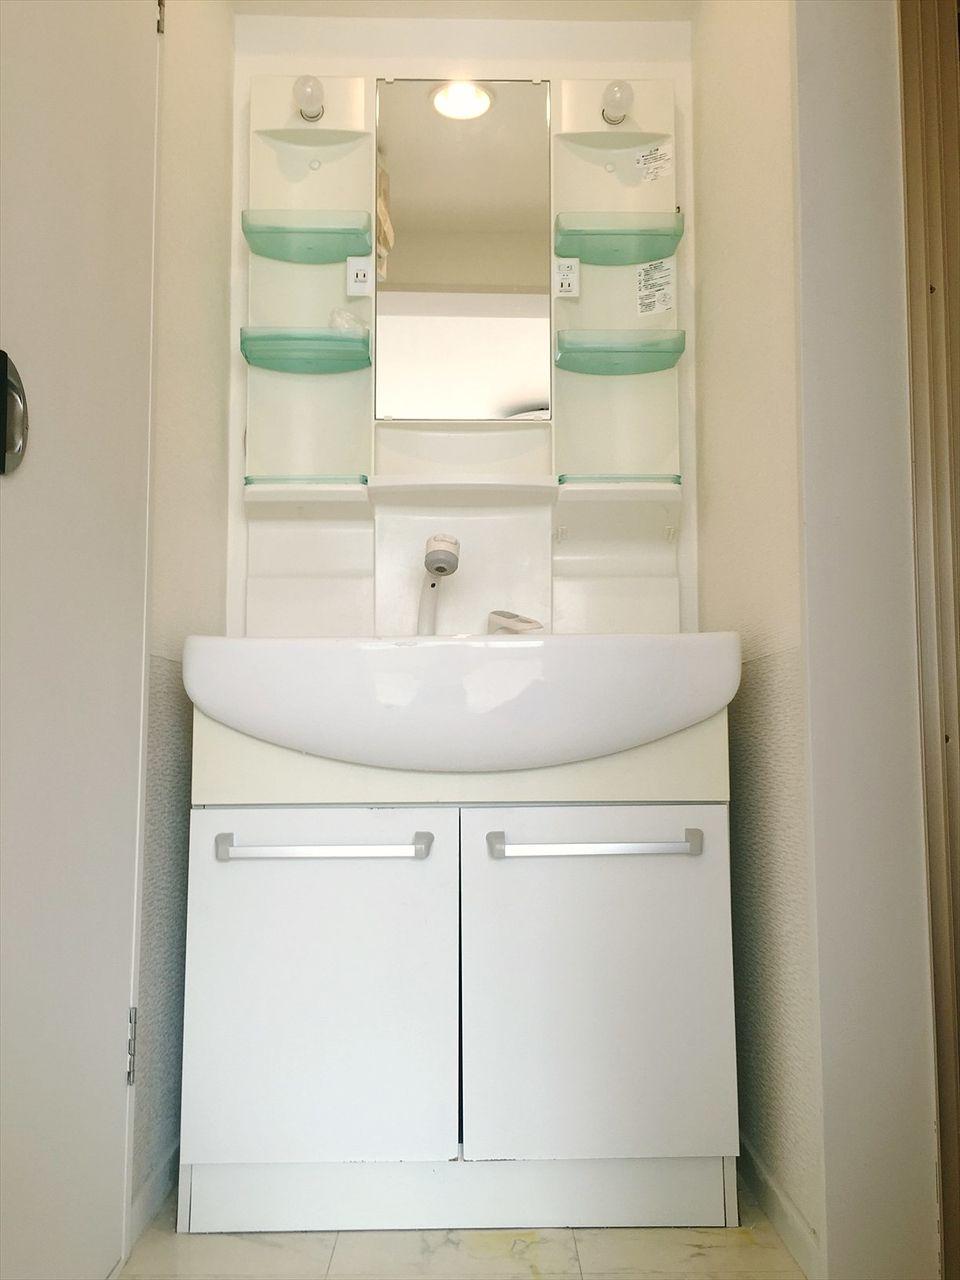 J818ビル4階の独立洗面台